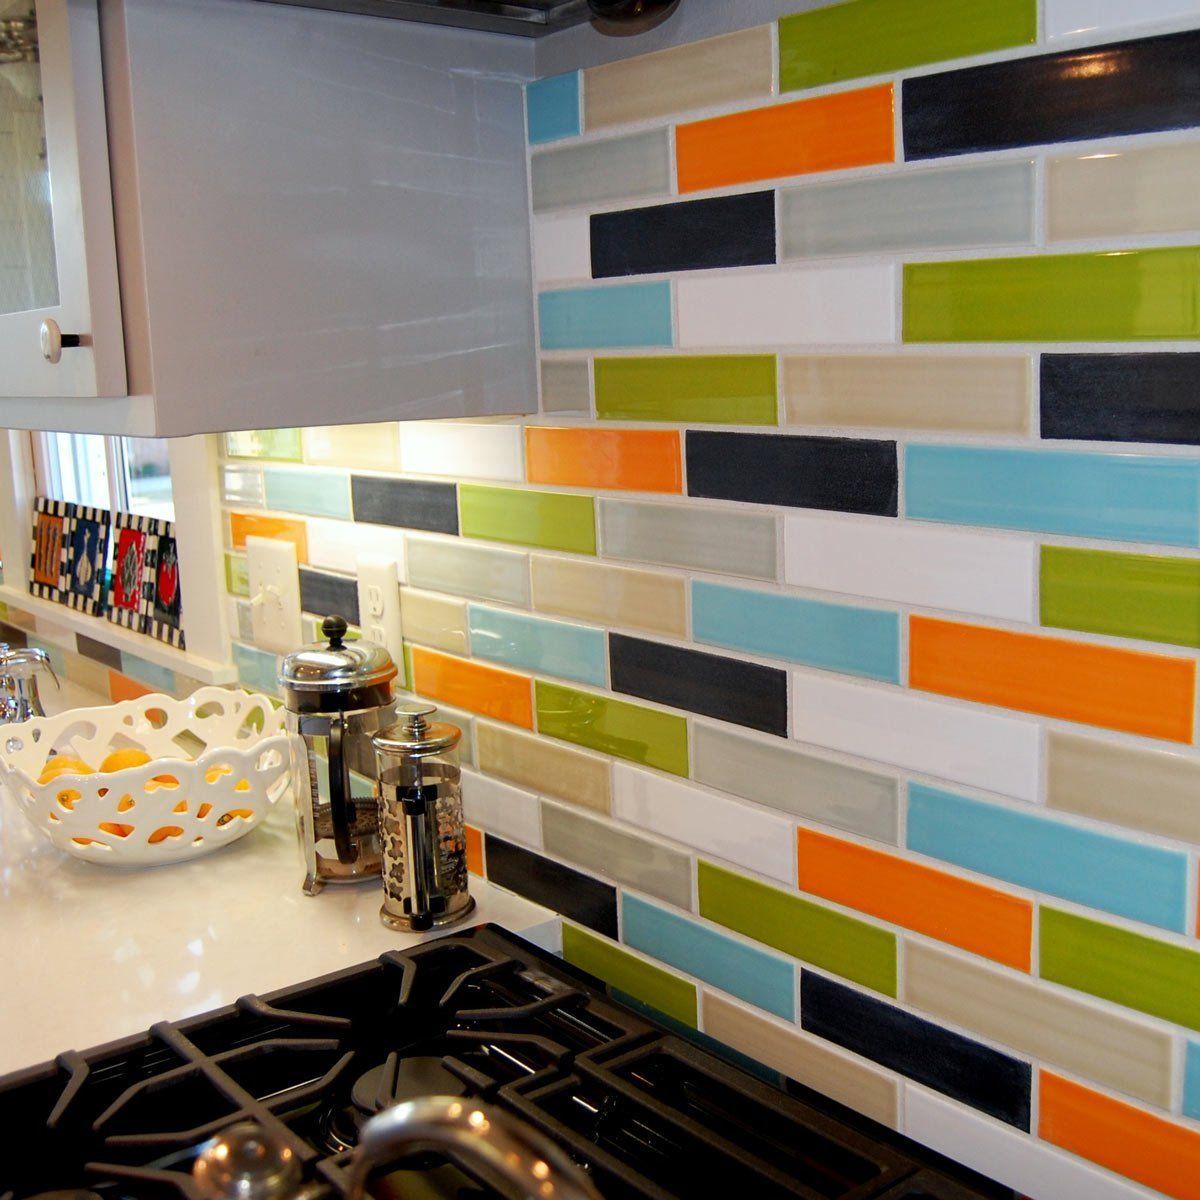 - 13 Cool Trends In Tile Color Tile Backsplash, Kitchen Tiles Backsplash,  Kitchen Remodel